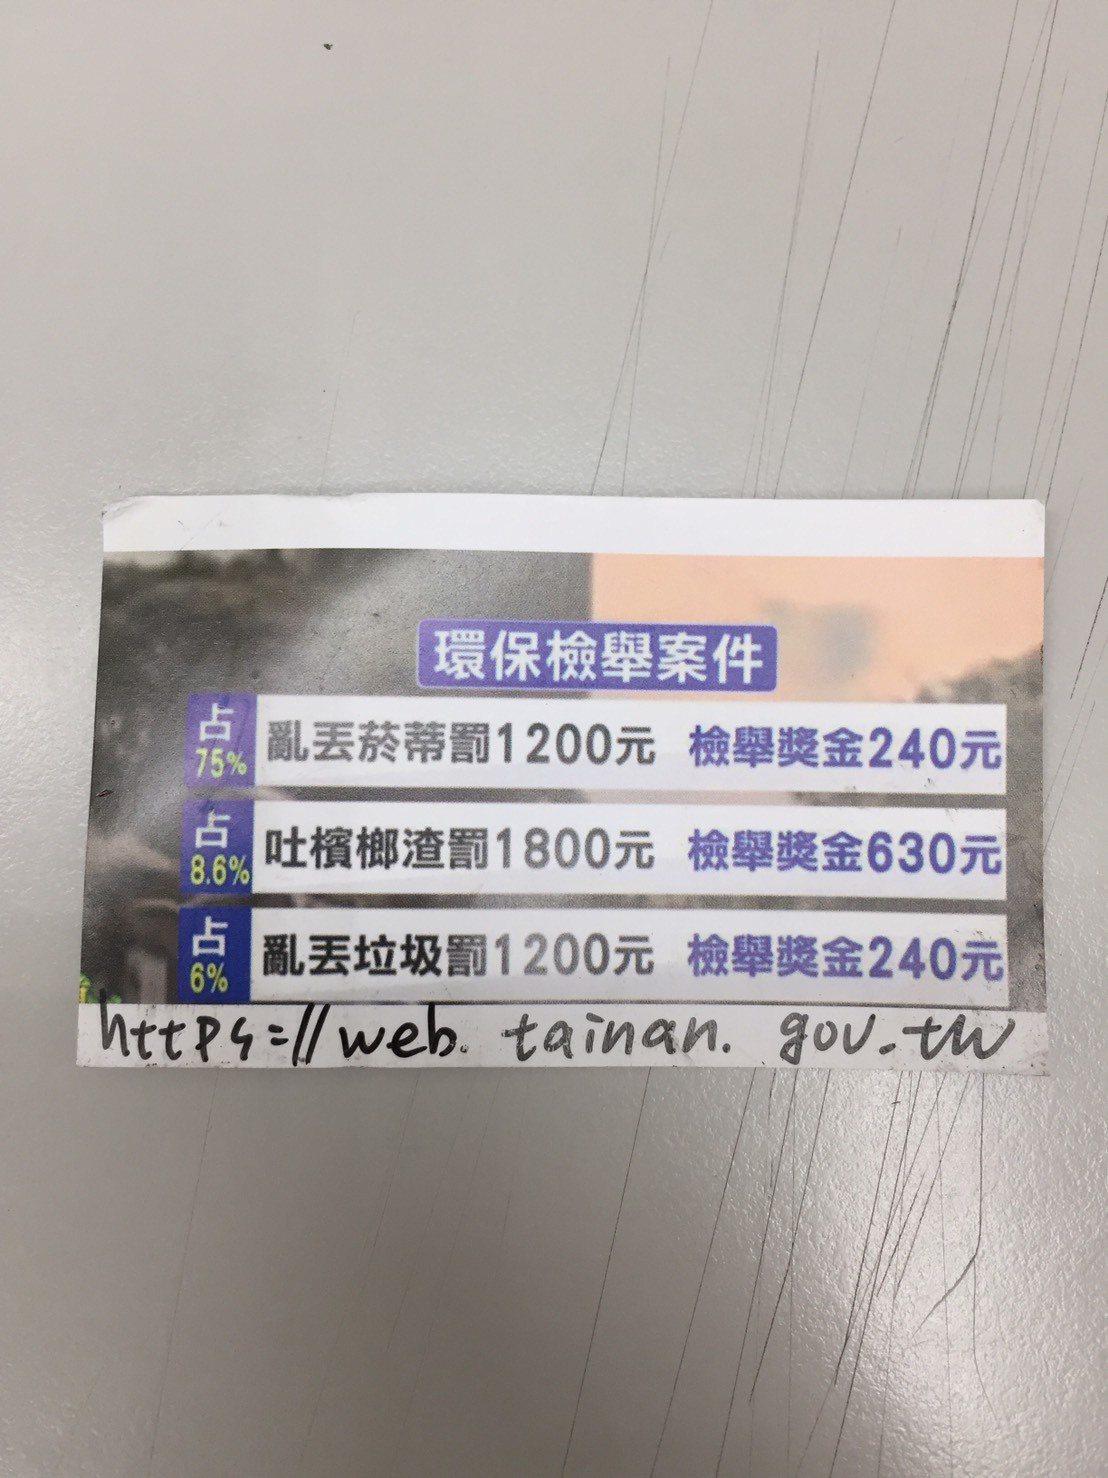 假冒環保局人員所散發的名片。圖/台南市環保局提供